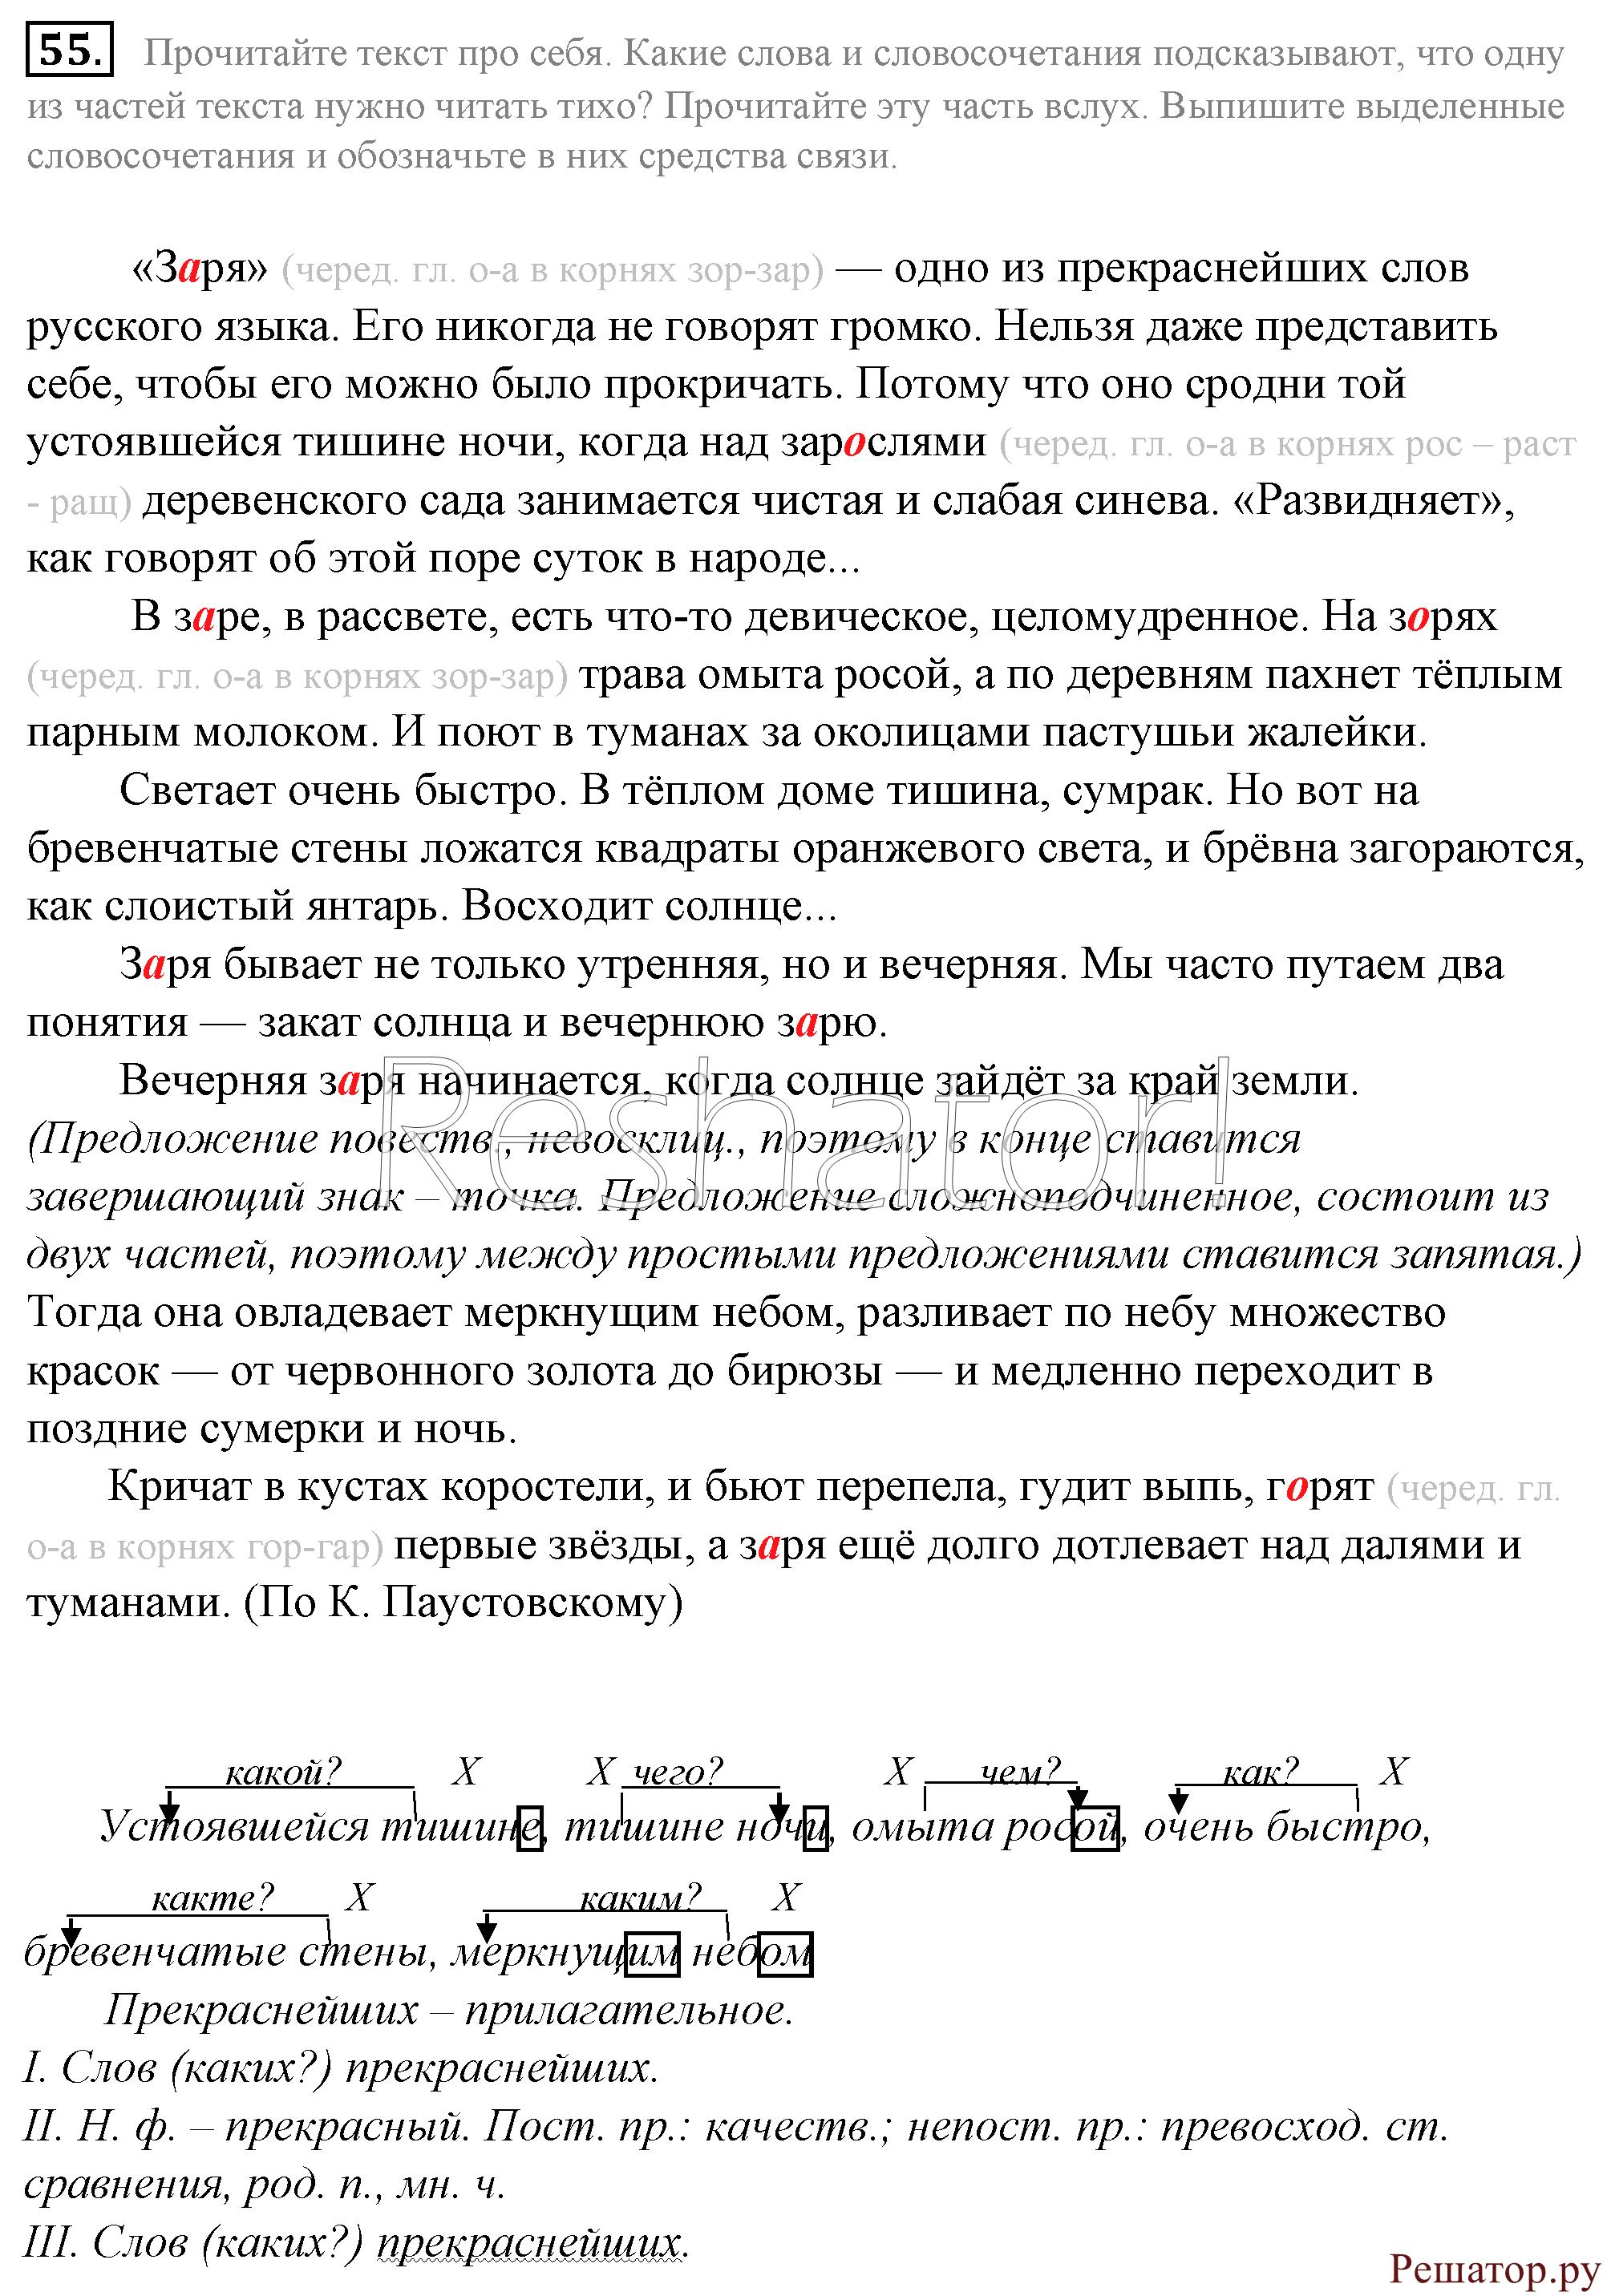 Гдз по русскому языку контрольные вопросы и задания 6 класс